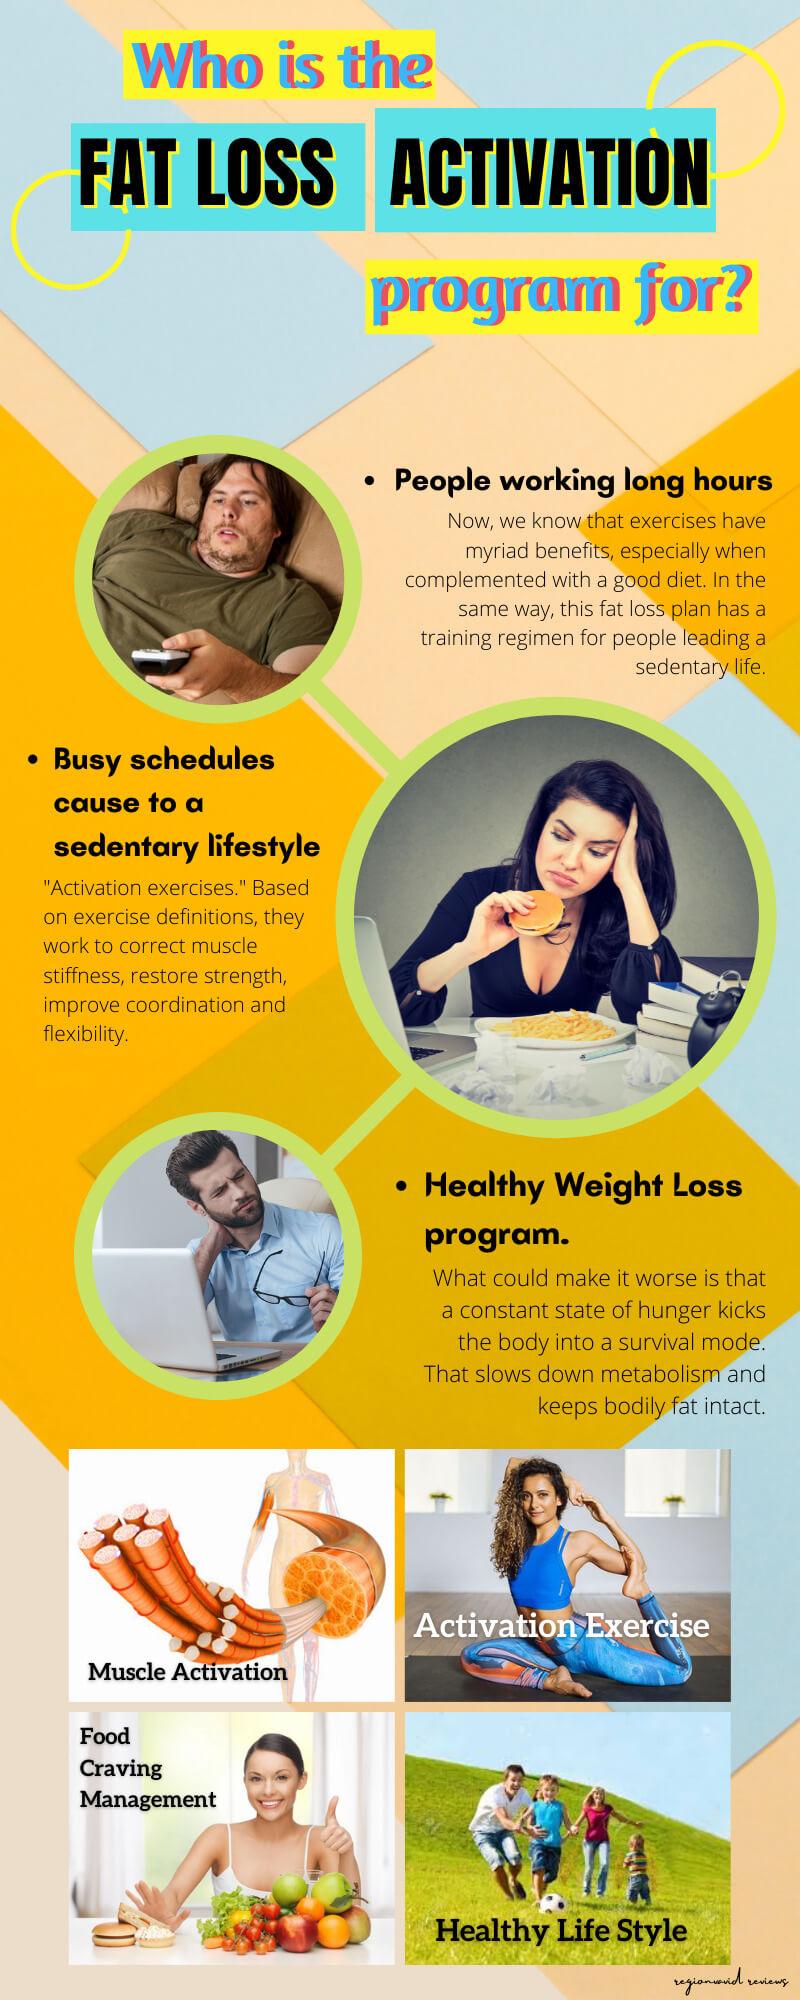 Fat Loss Activation Product Program Description